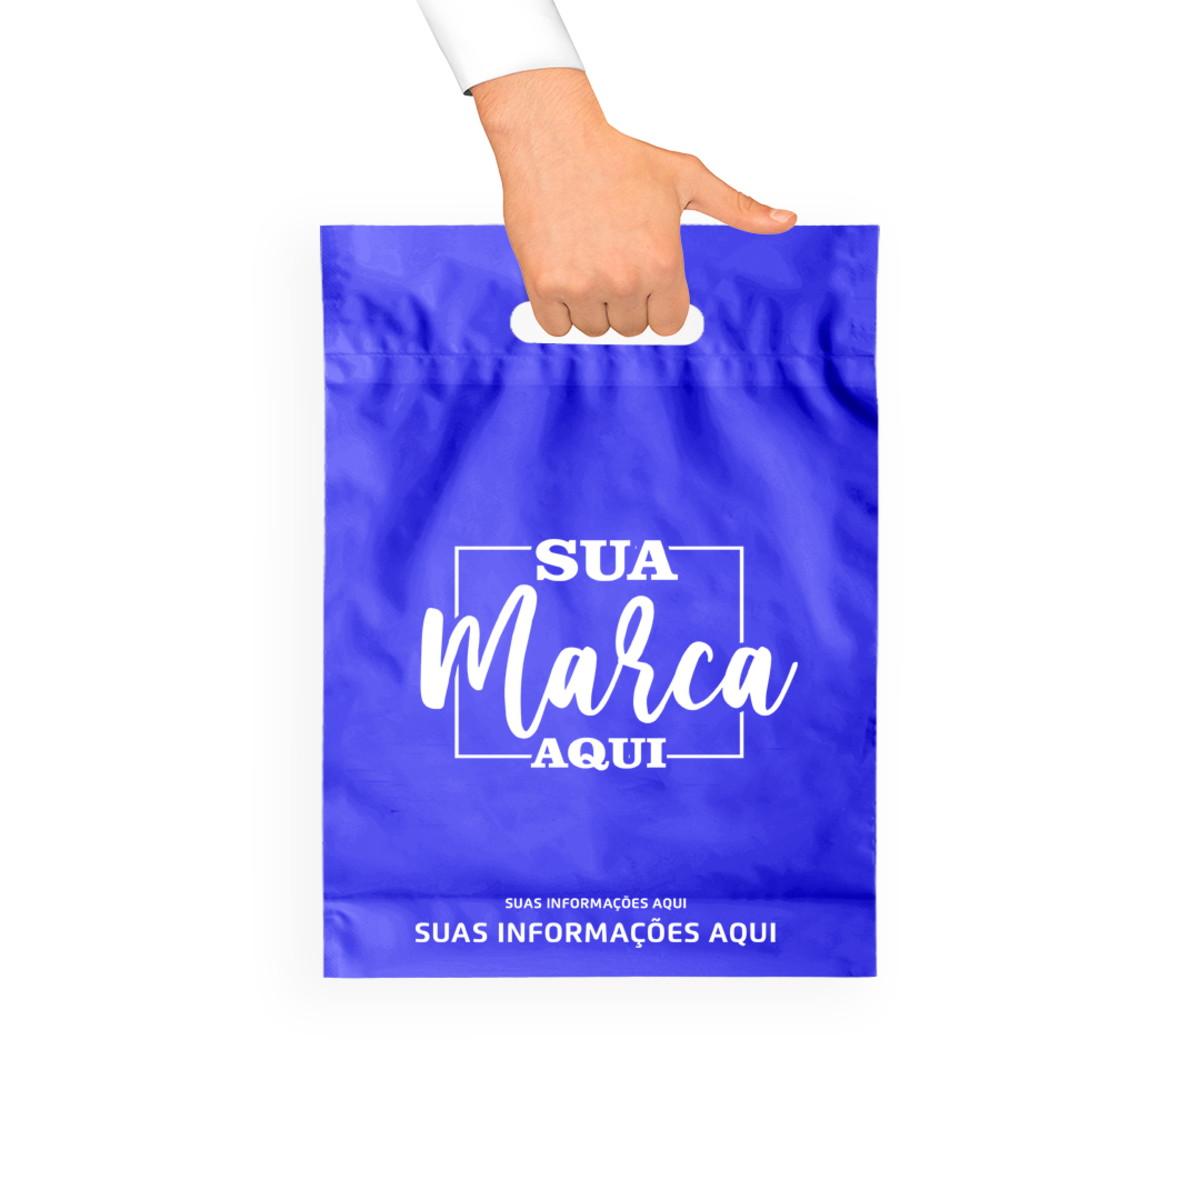 sacola plástica azul